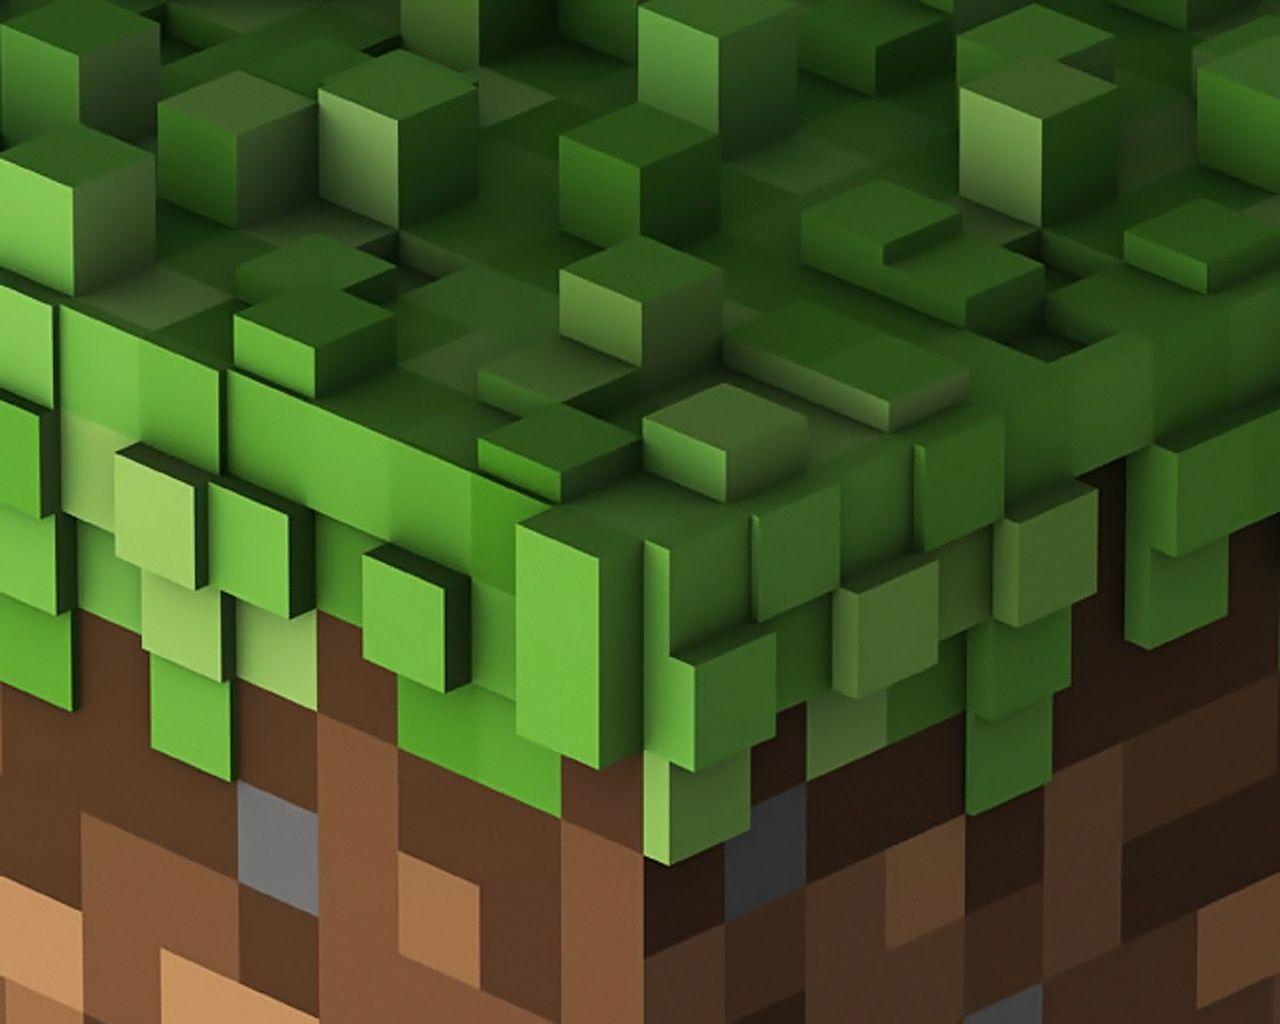 Beautiful Wallpaper Minecraft Ipod Touch - 6f0e505fdf669f5bae8ac8c9728d63bc  HD_60999.jpg